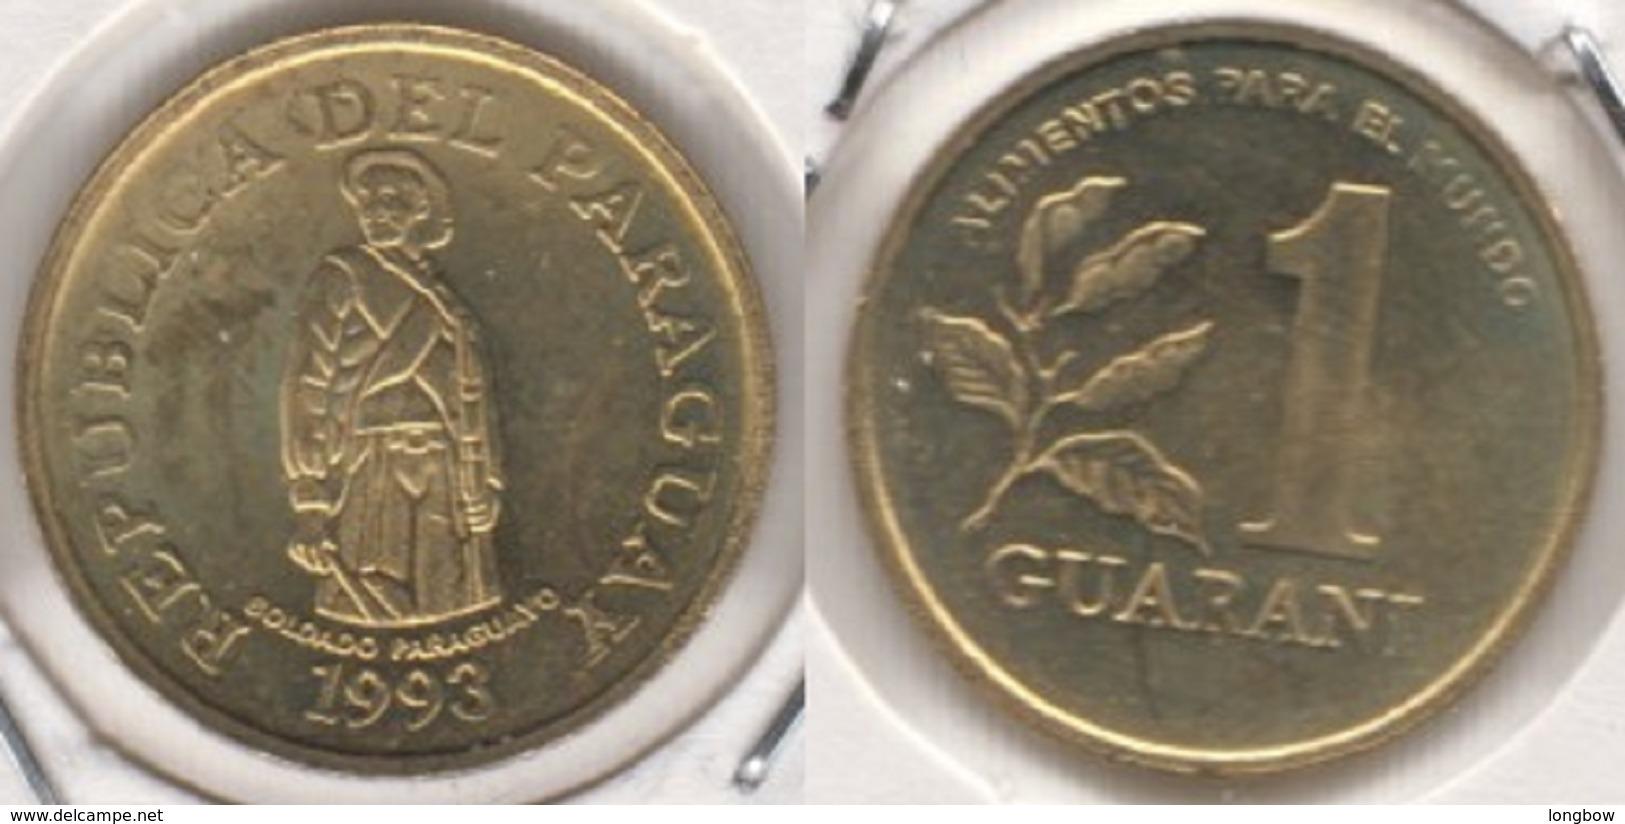 Paraguay 1 Guaraní 1993 (F.A.O.) KM#192 - Used - Paraguay